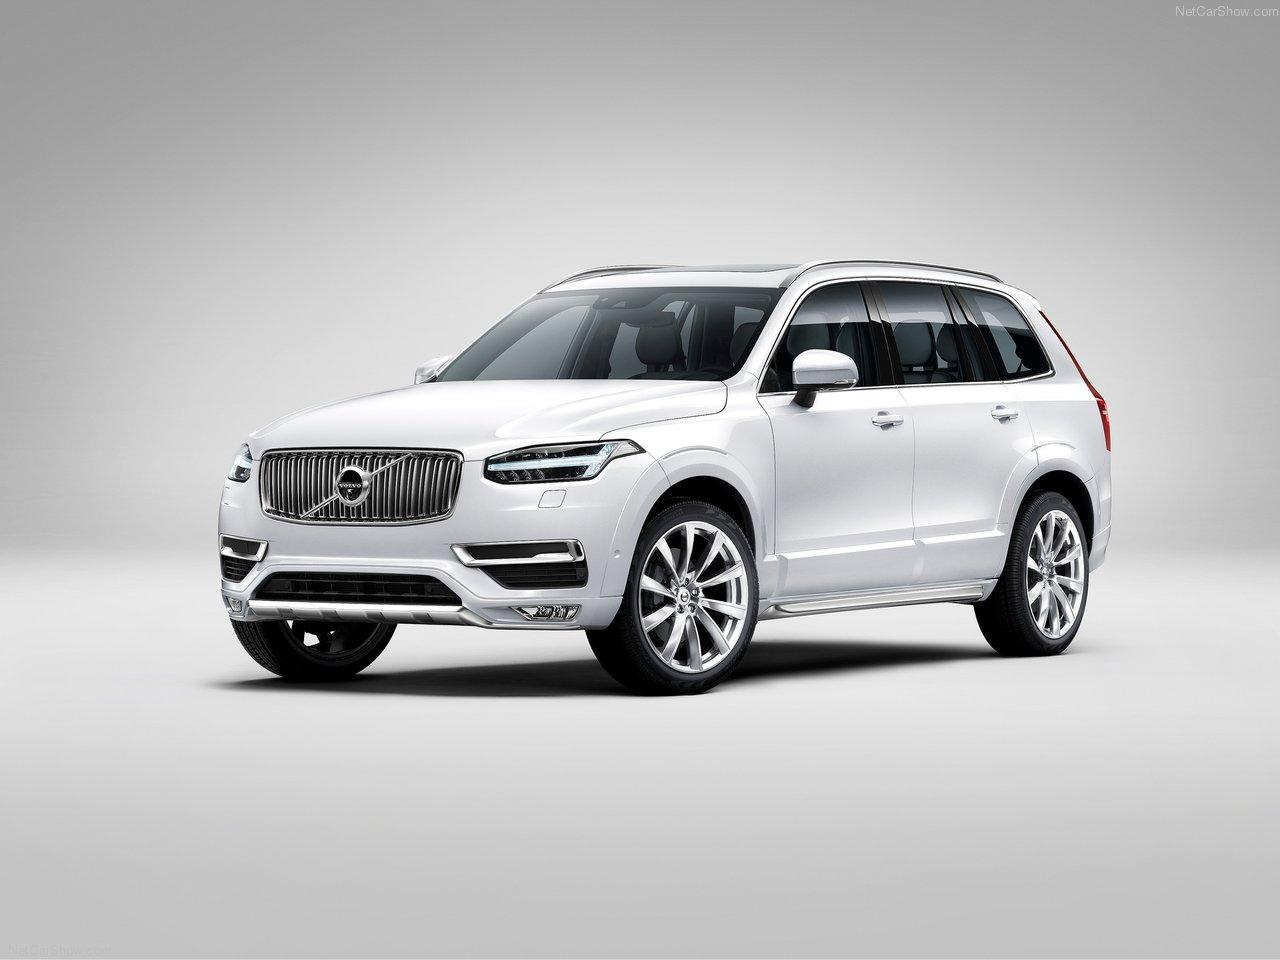 Volvo-XC90-2015-1280-50